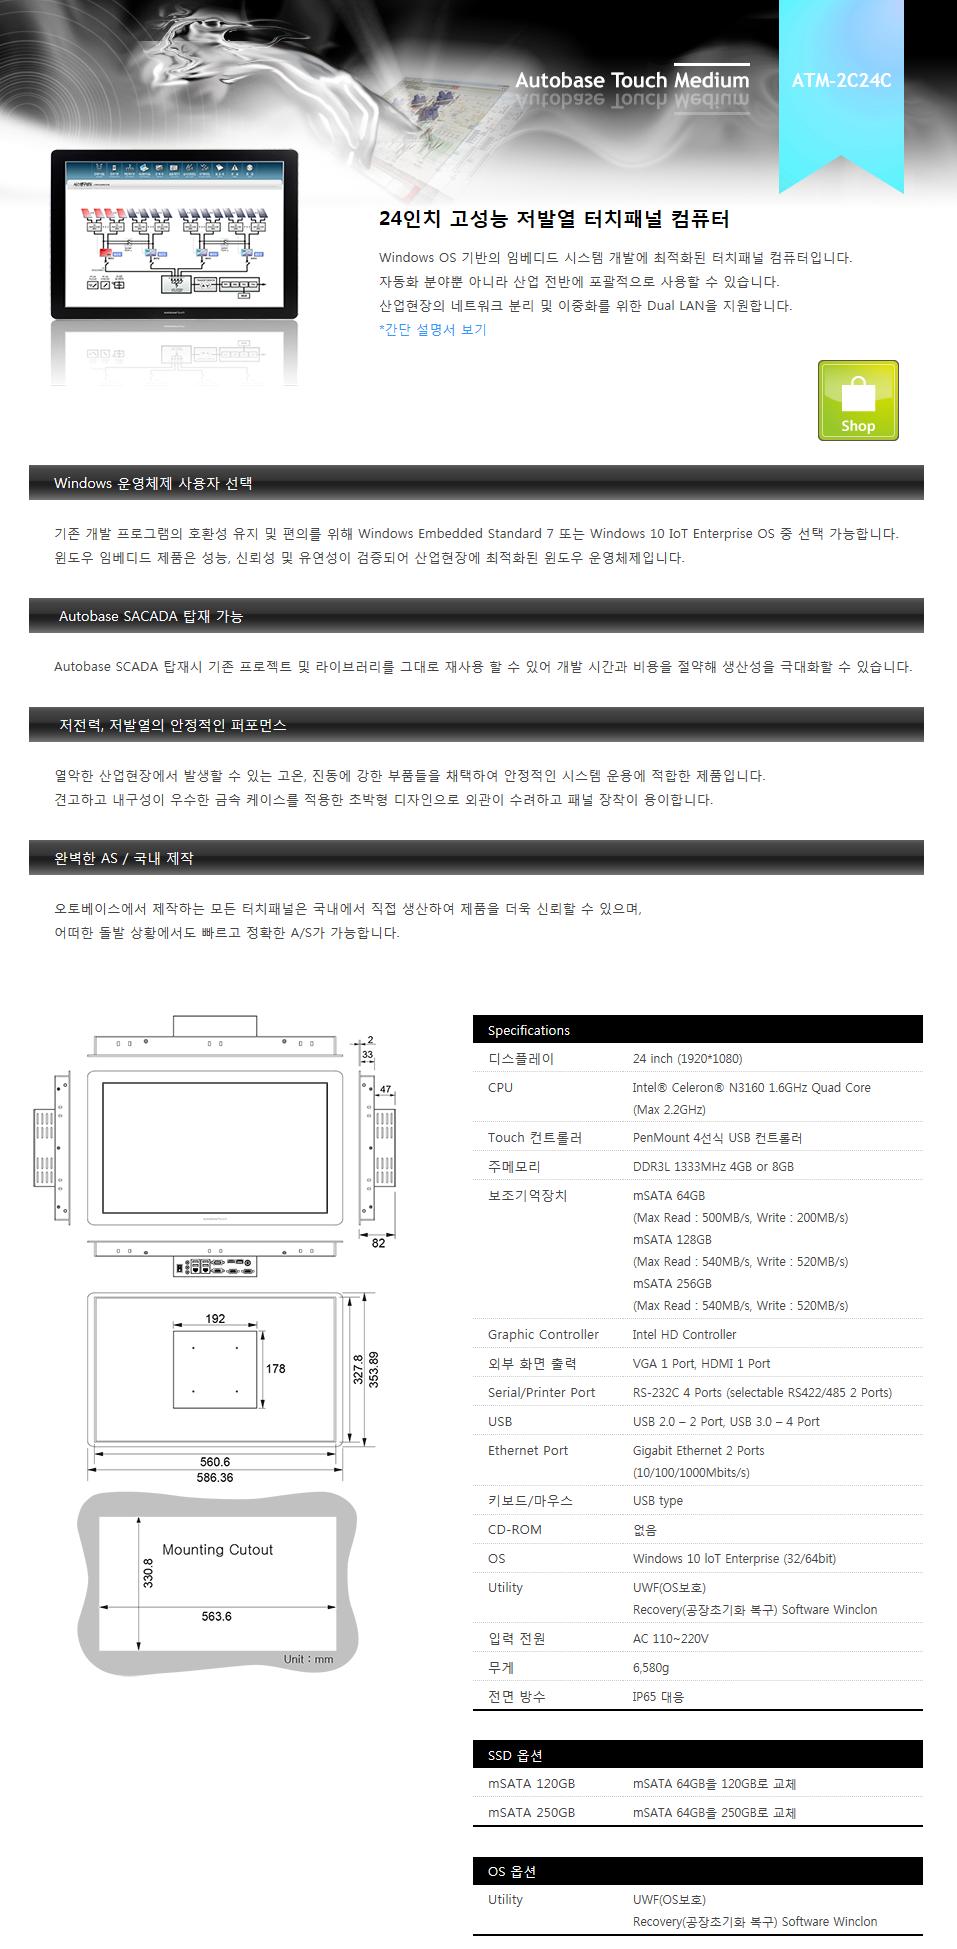 (주)오토베이스 24인치 고성능 저발열 터치패널 컴퓨터 ATM-2C24C